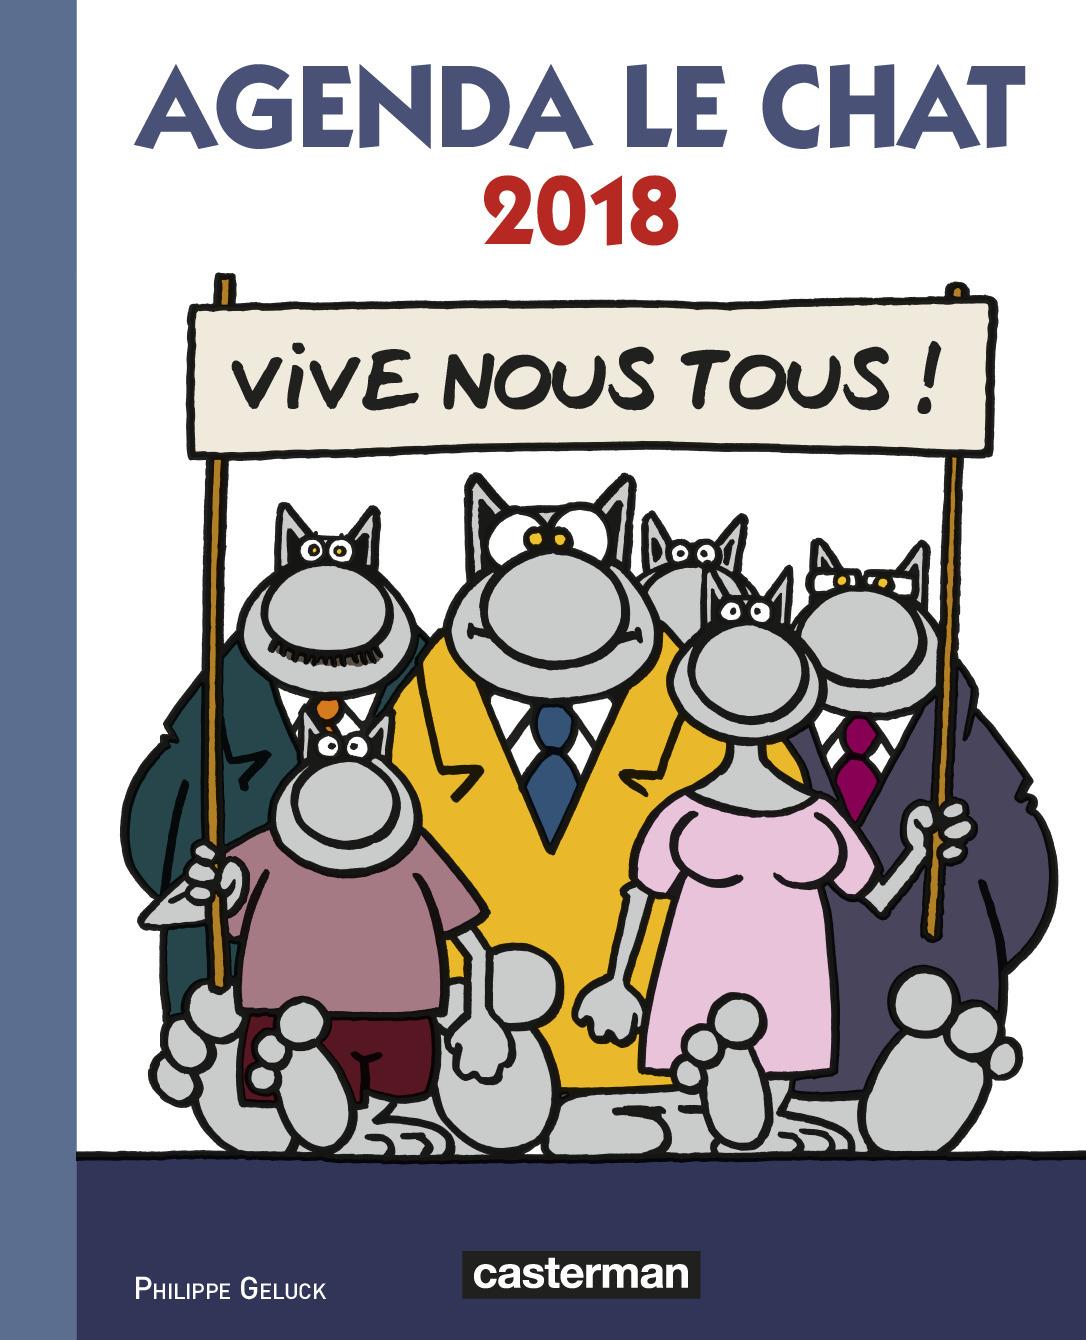 AGENDA LE CHAT 2018